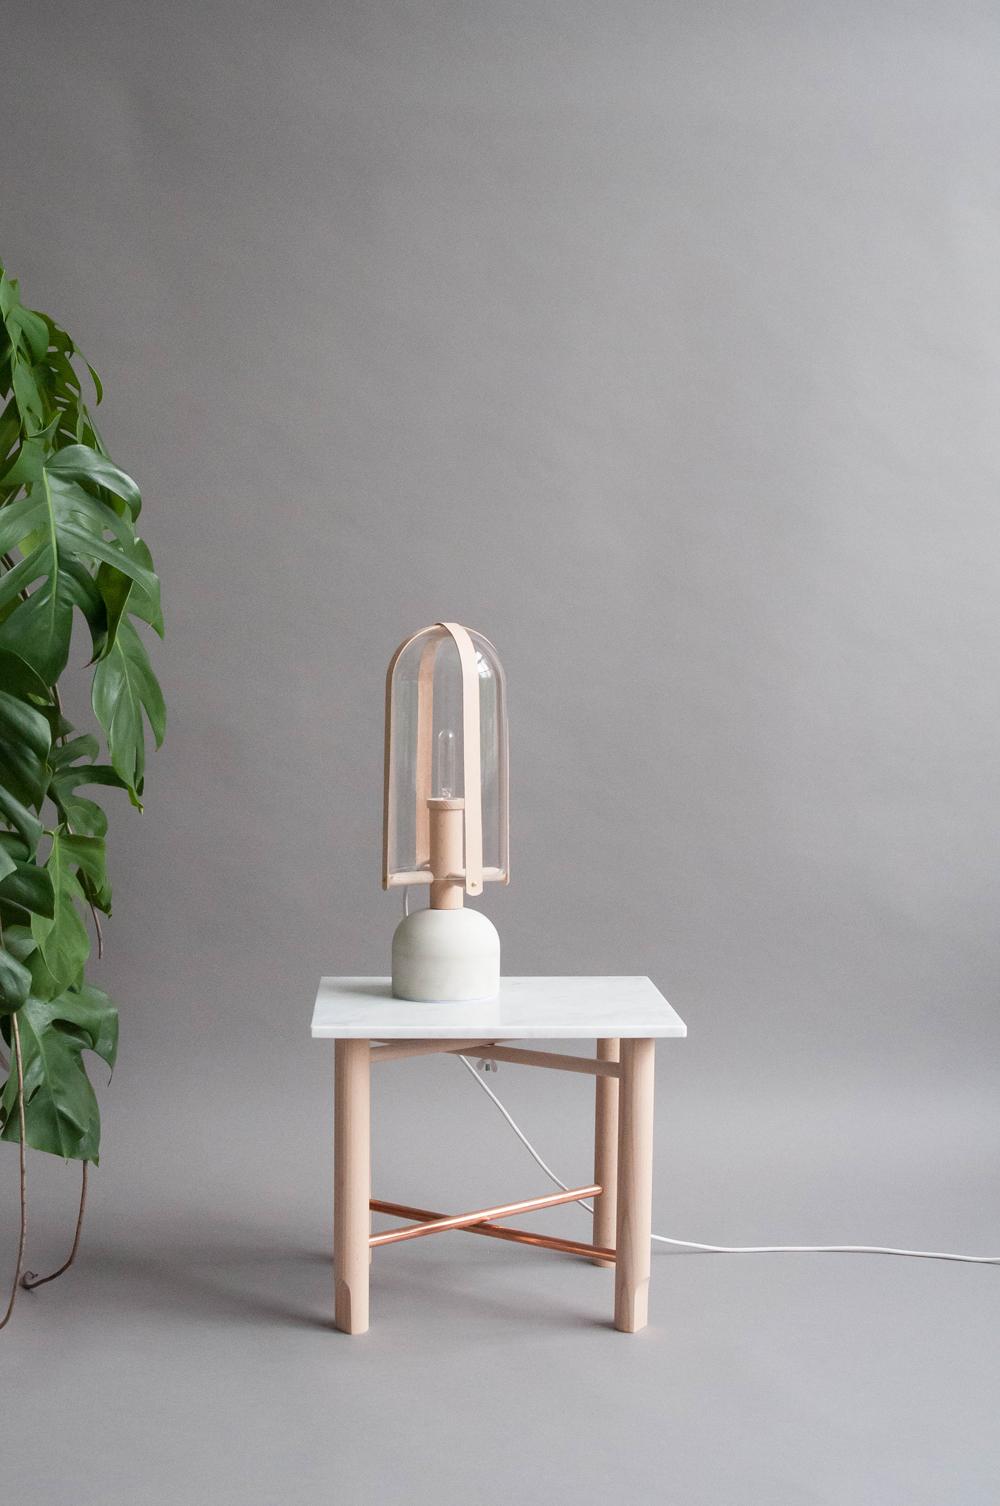 Abela Table Lamp by Marcel OSSendrijver